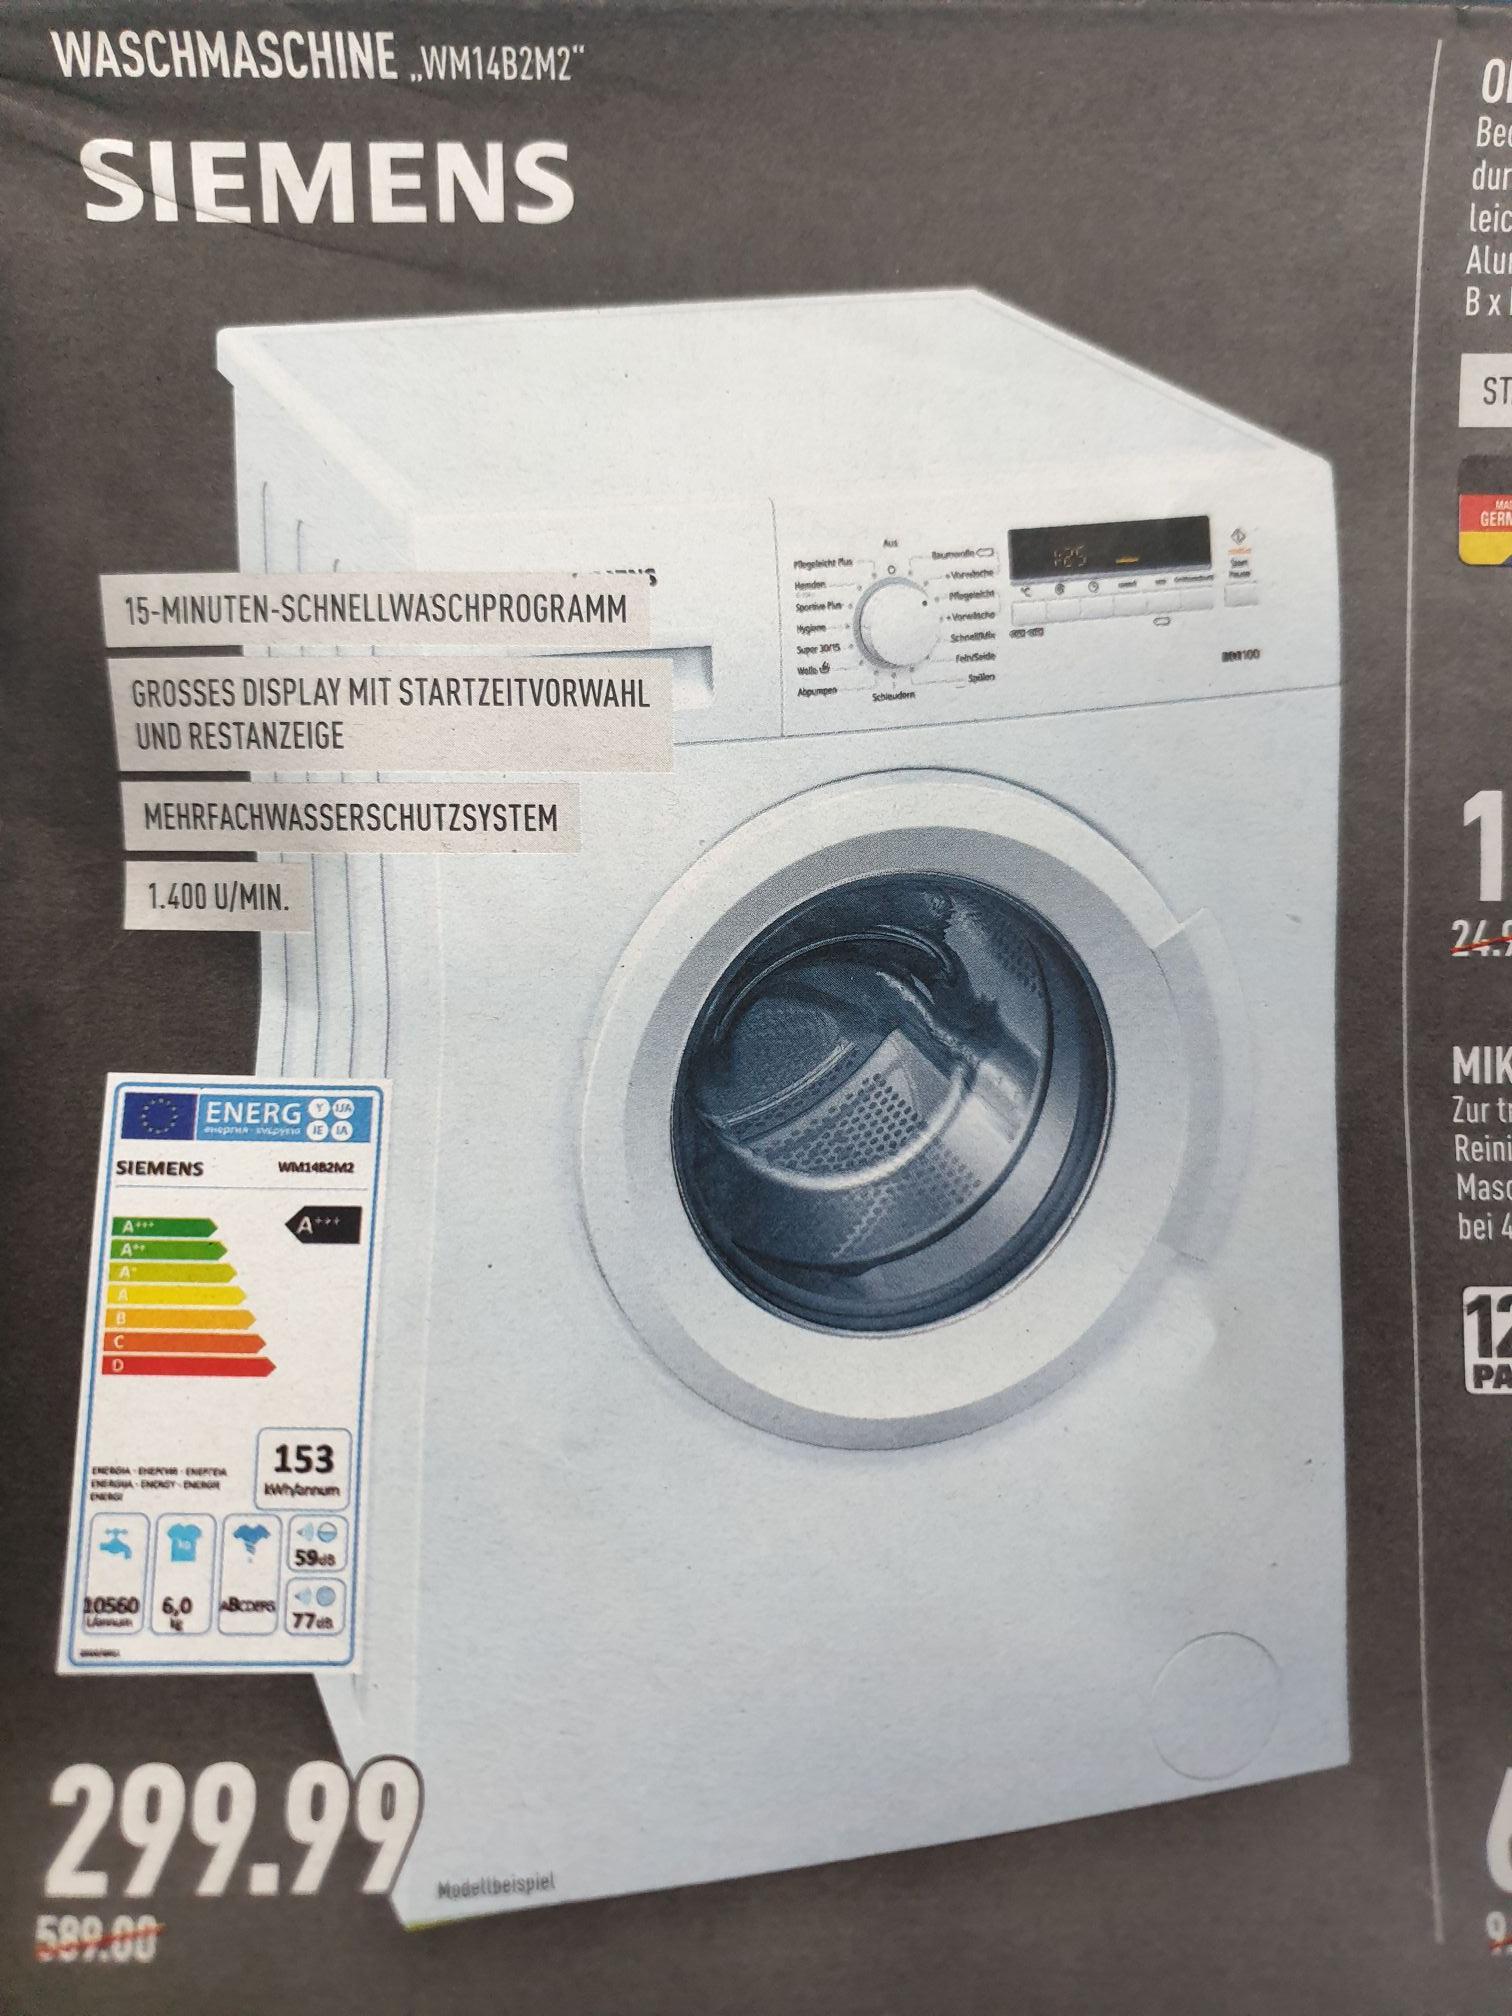 Siemens Waschmaschine WM14B2M2 mit IQdrive,6kg,A+++,1400U/min. für 299,99€ (Marktkauf Rhein-Ruhr+Hannover evtl. weitere Regionen)